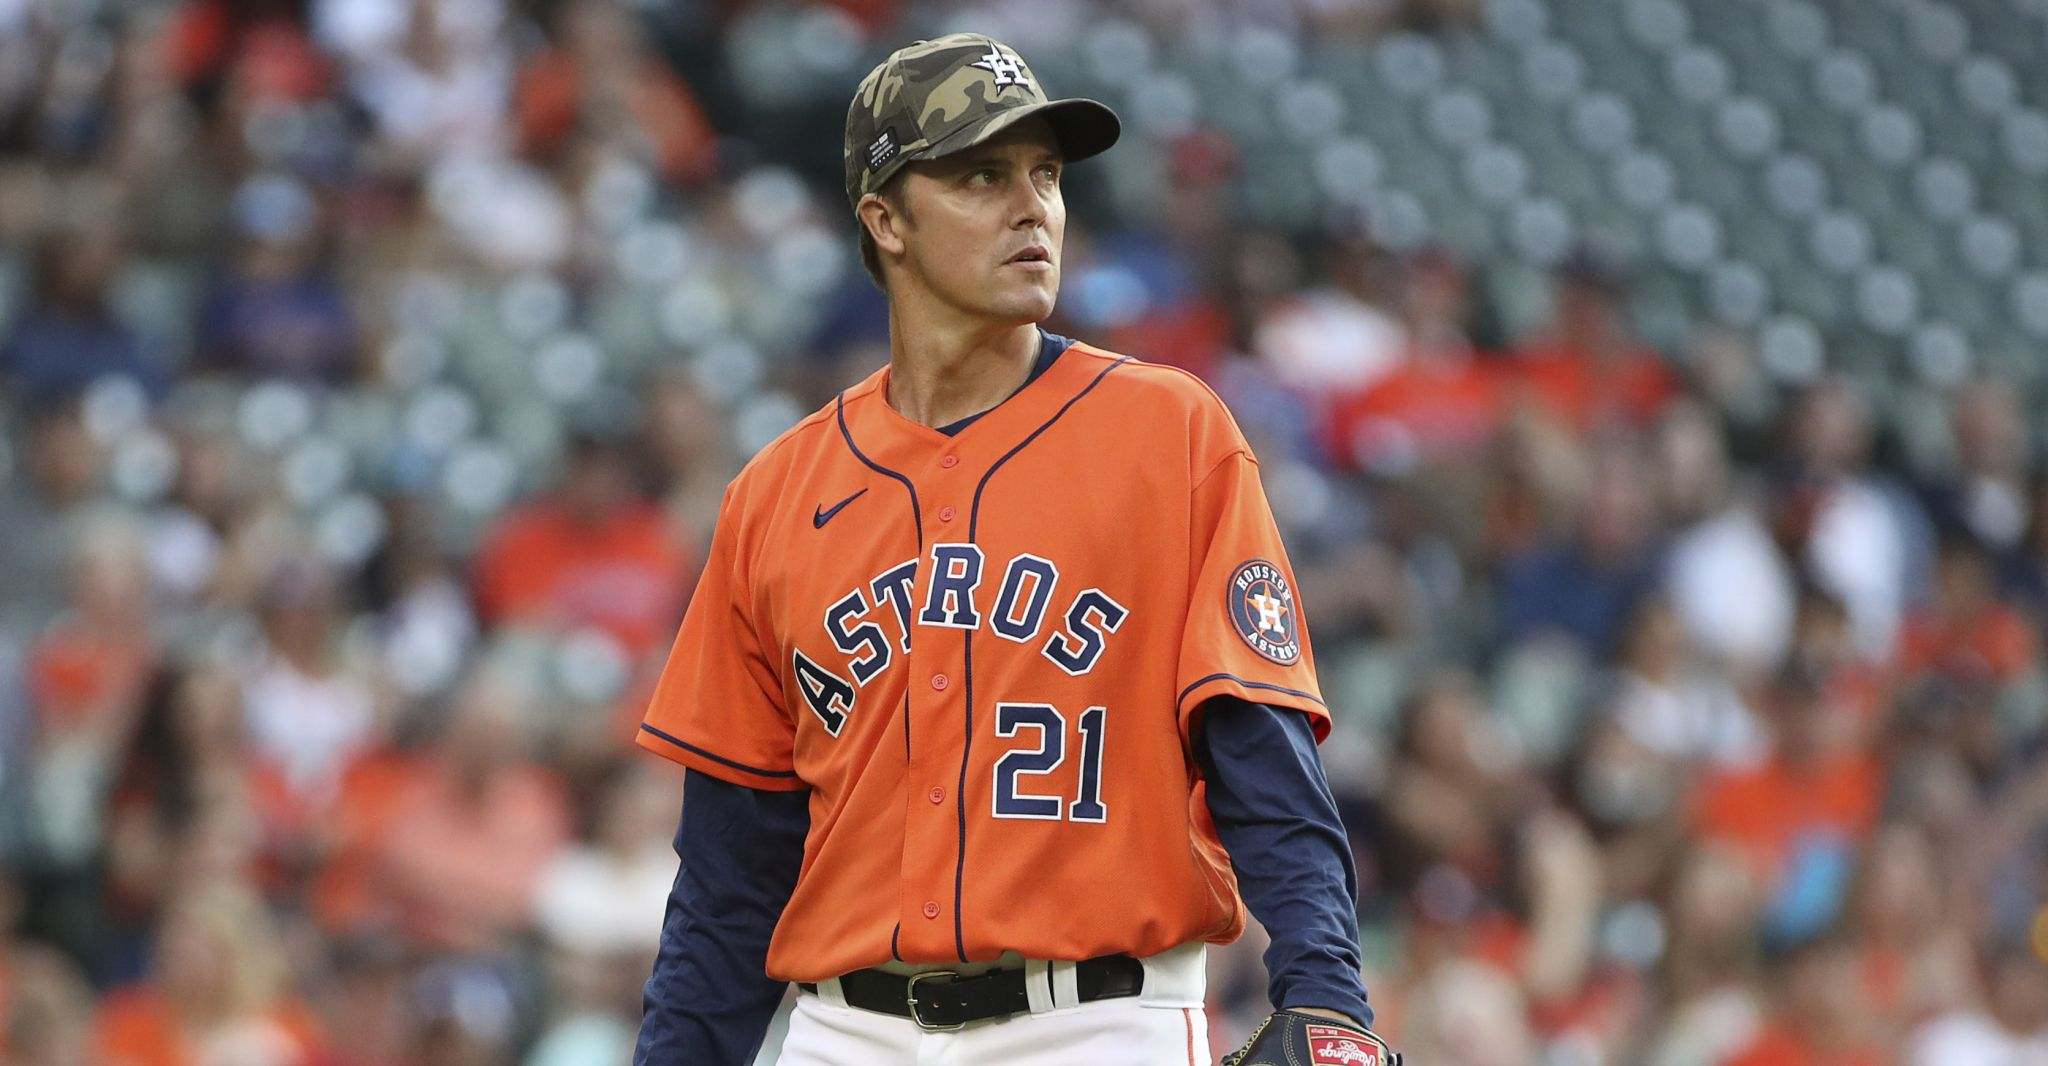 Astros insider: Zack Greinke's rebound outing